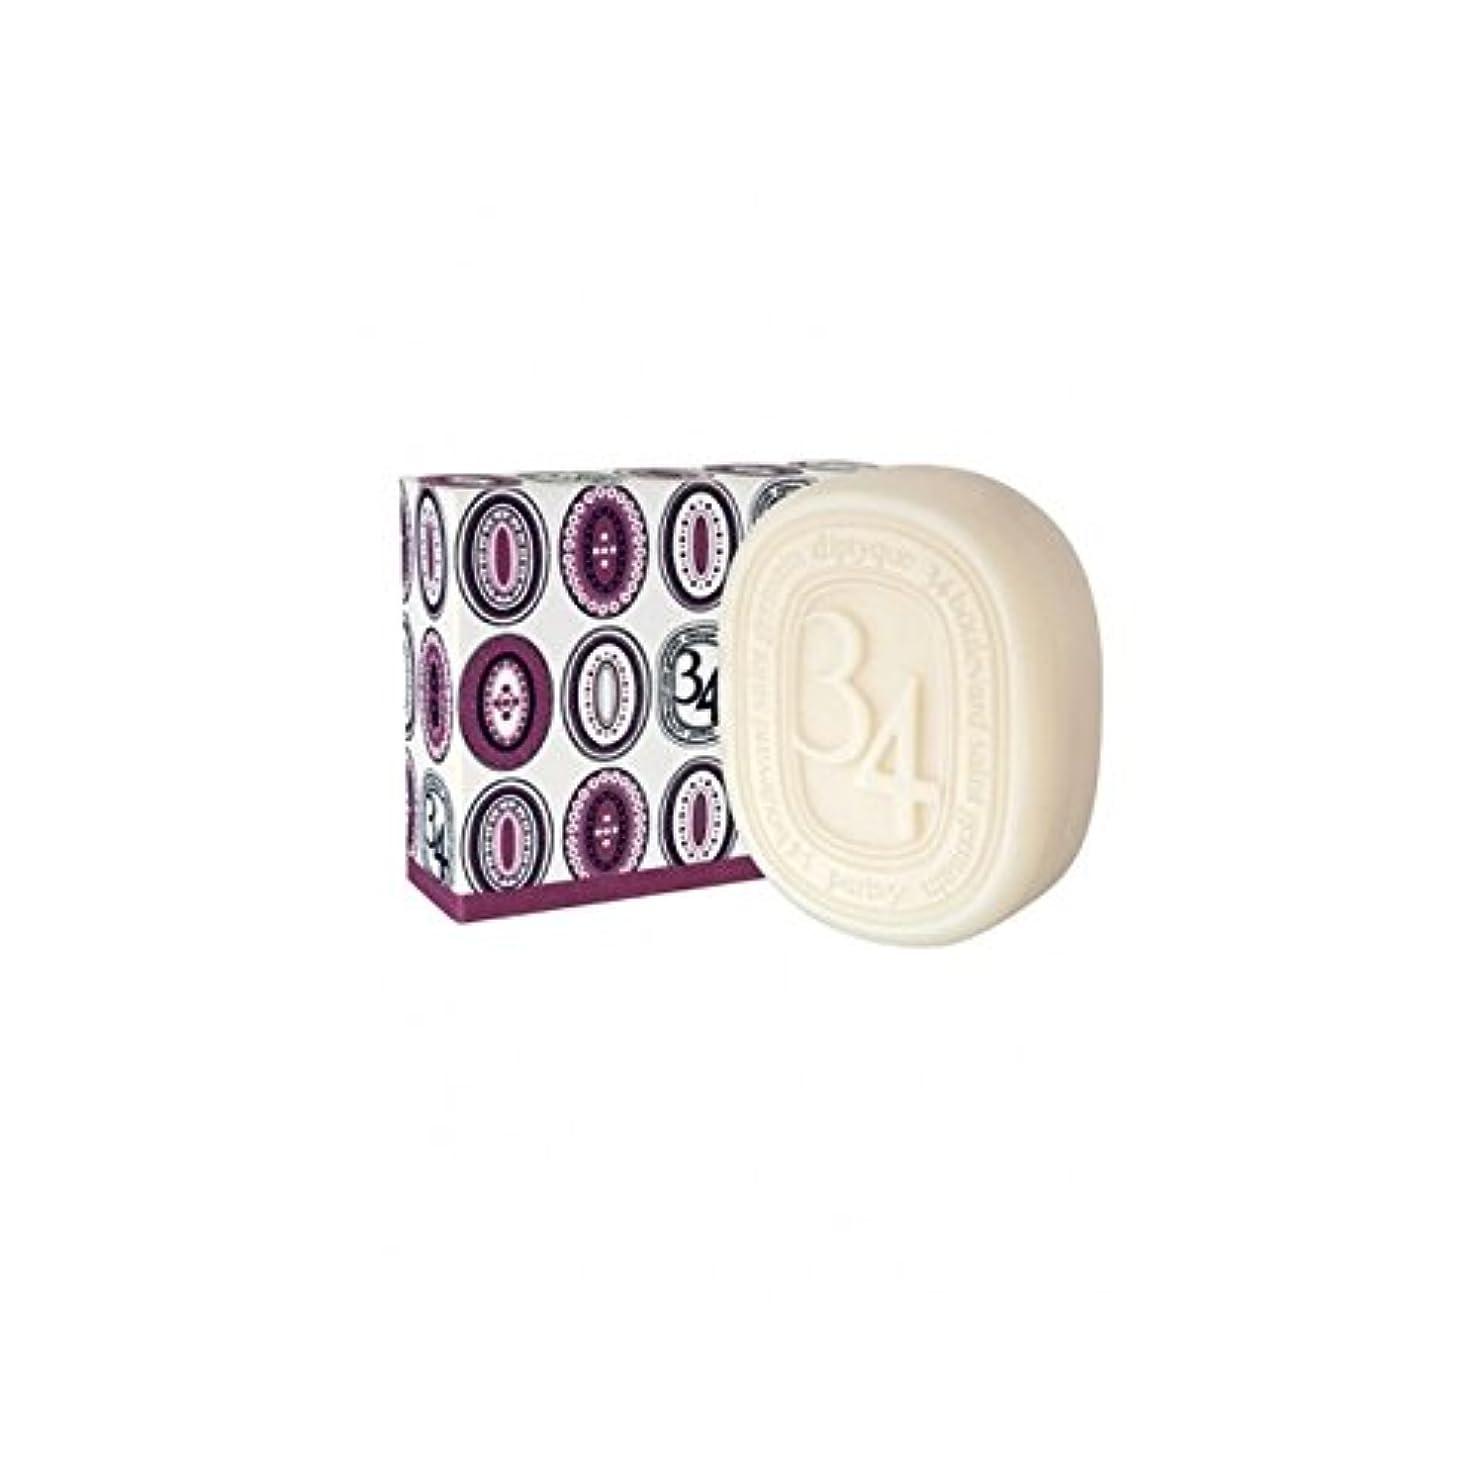 前提食事導入するDiptyqueコレクション34大通りサンジェルマン石鹸100グラム - Diptyque Collection 34 Boulevard Saint Germain Soap 100g (Diptyque) [並行輸入品]